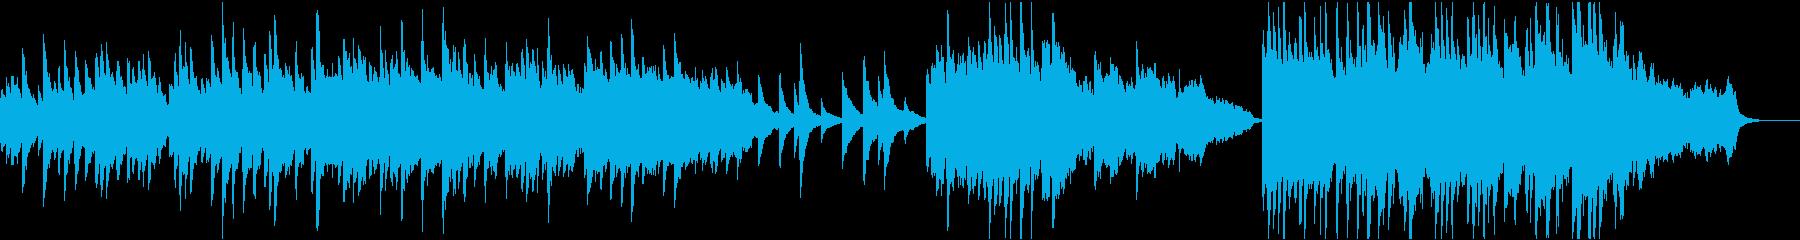 企業VP47 24bit44kHzVerの再生済みの波形